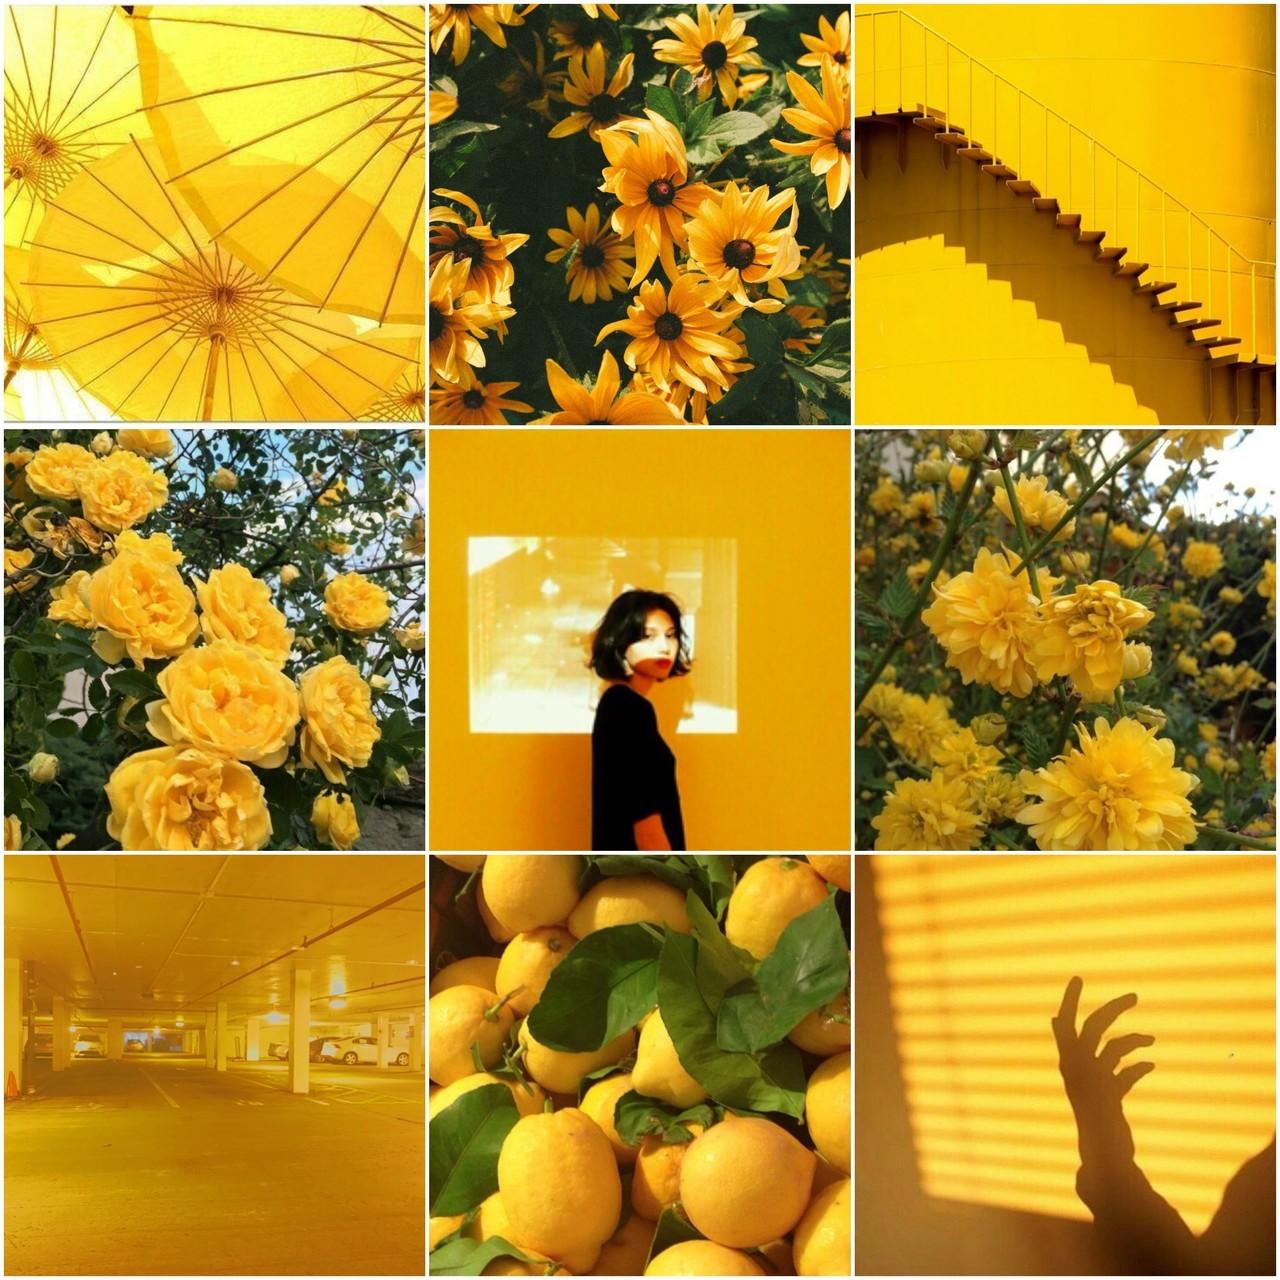 Màu vàng - Màu của sự may mắn, nguồn năng lượng dồi dào